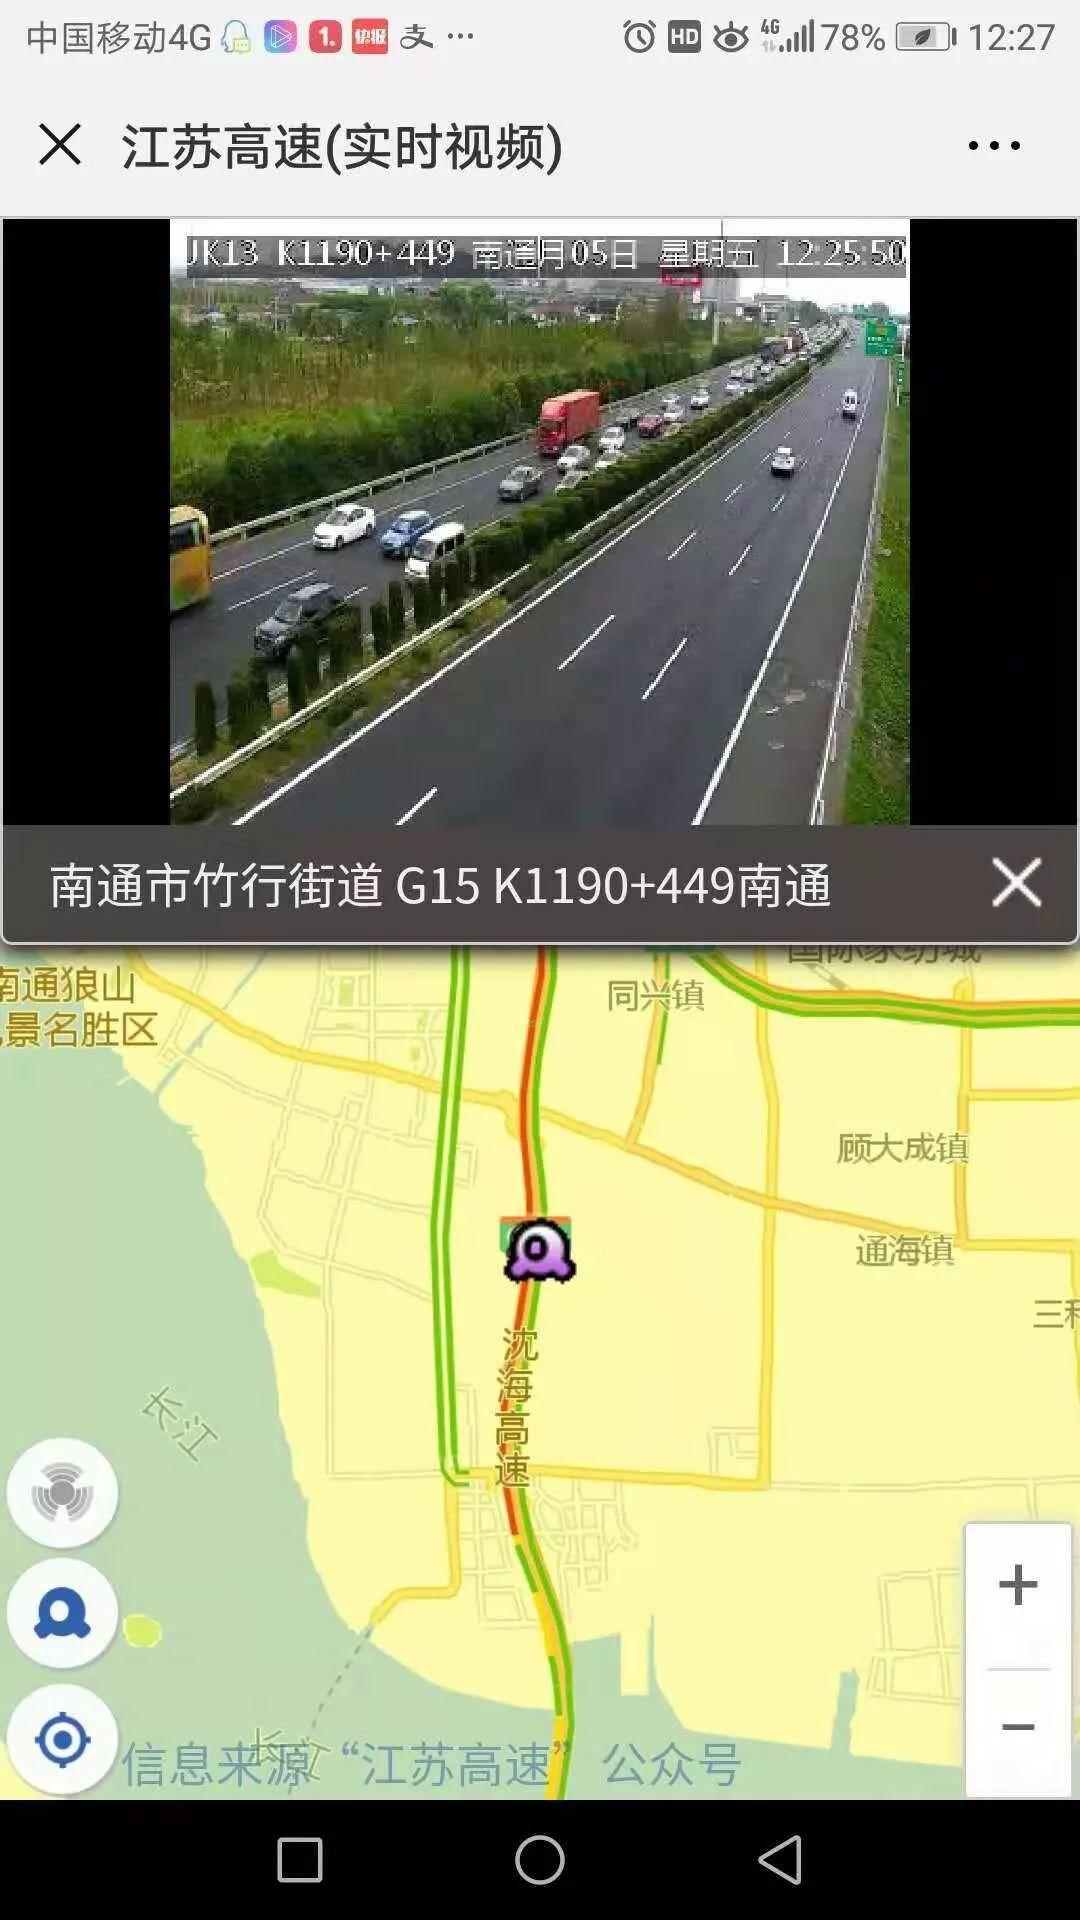 将迎来返程高峰!@回南通的朋友,注意拥堵路段绕行!